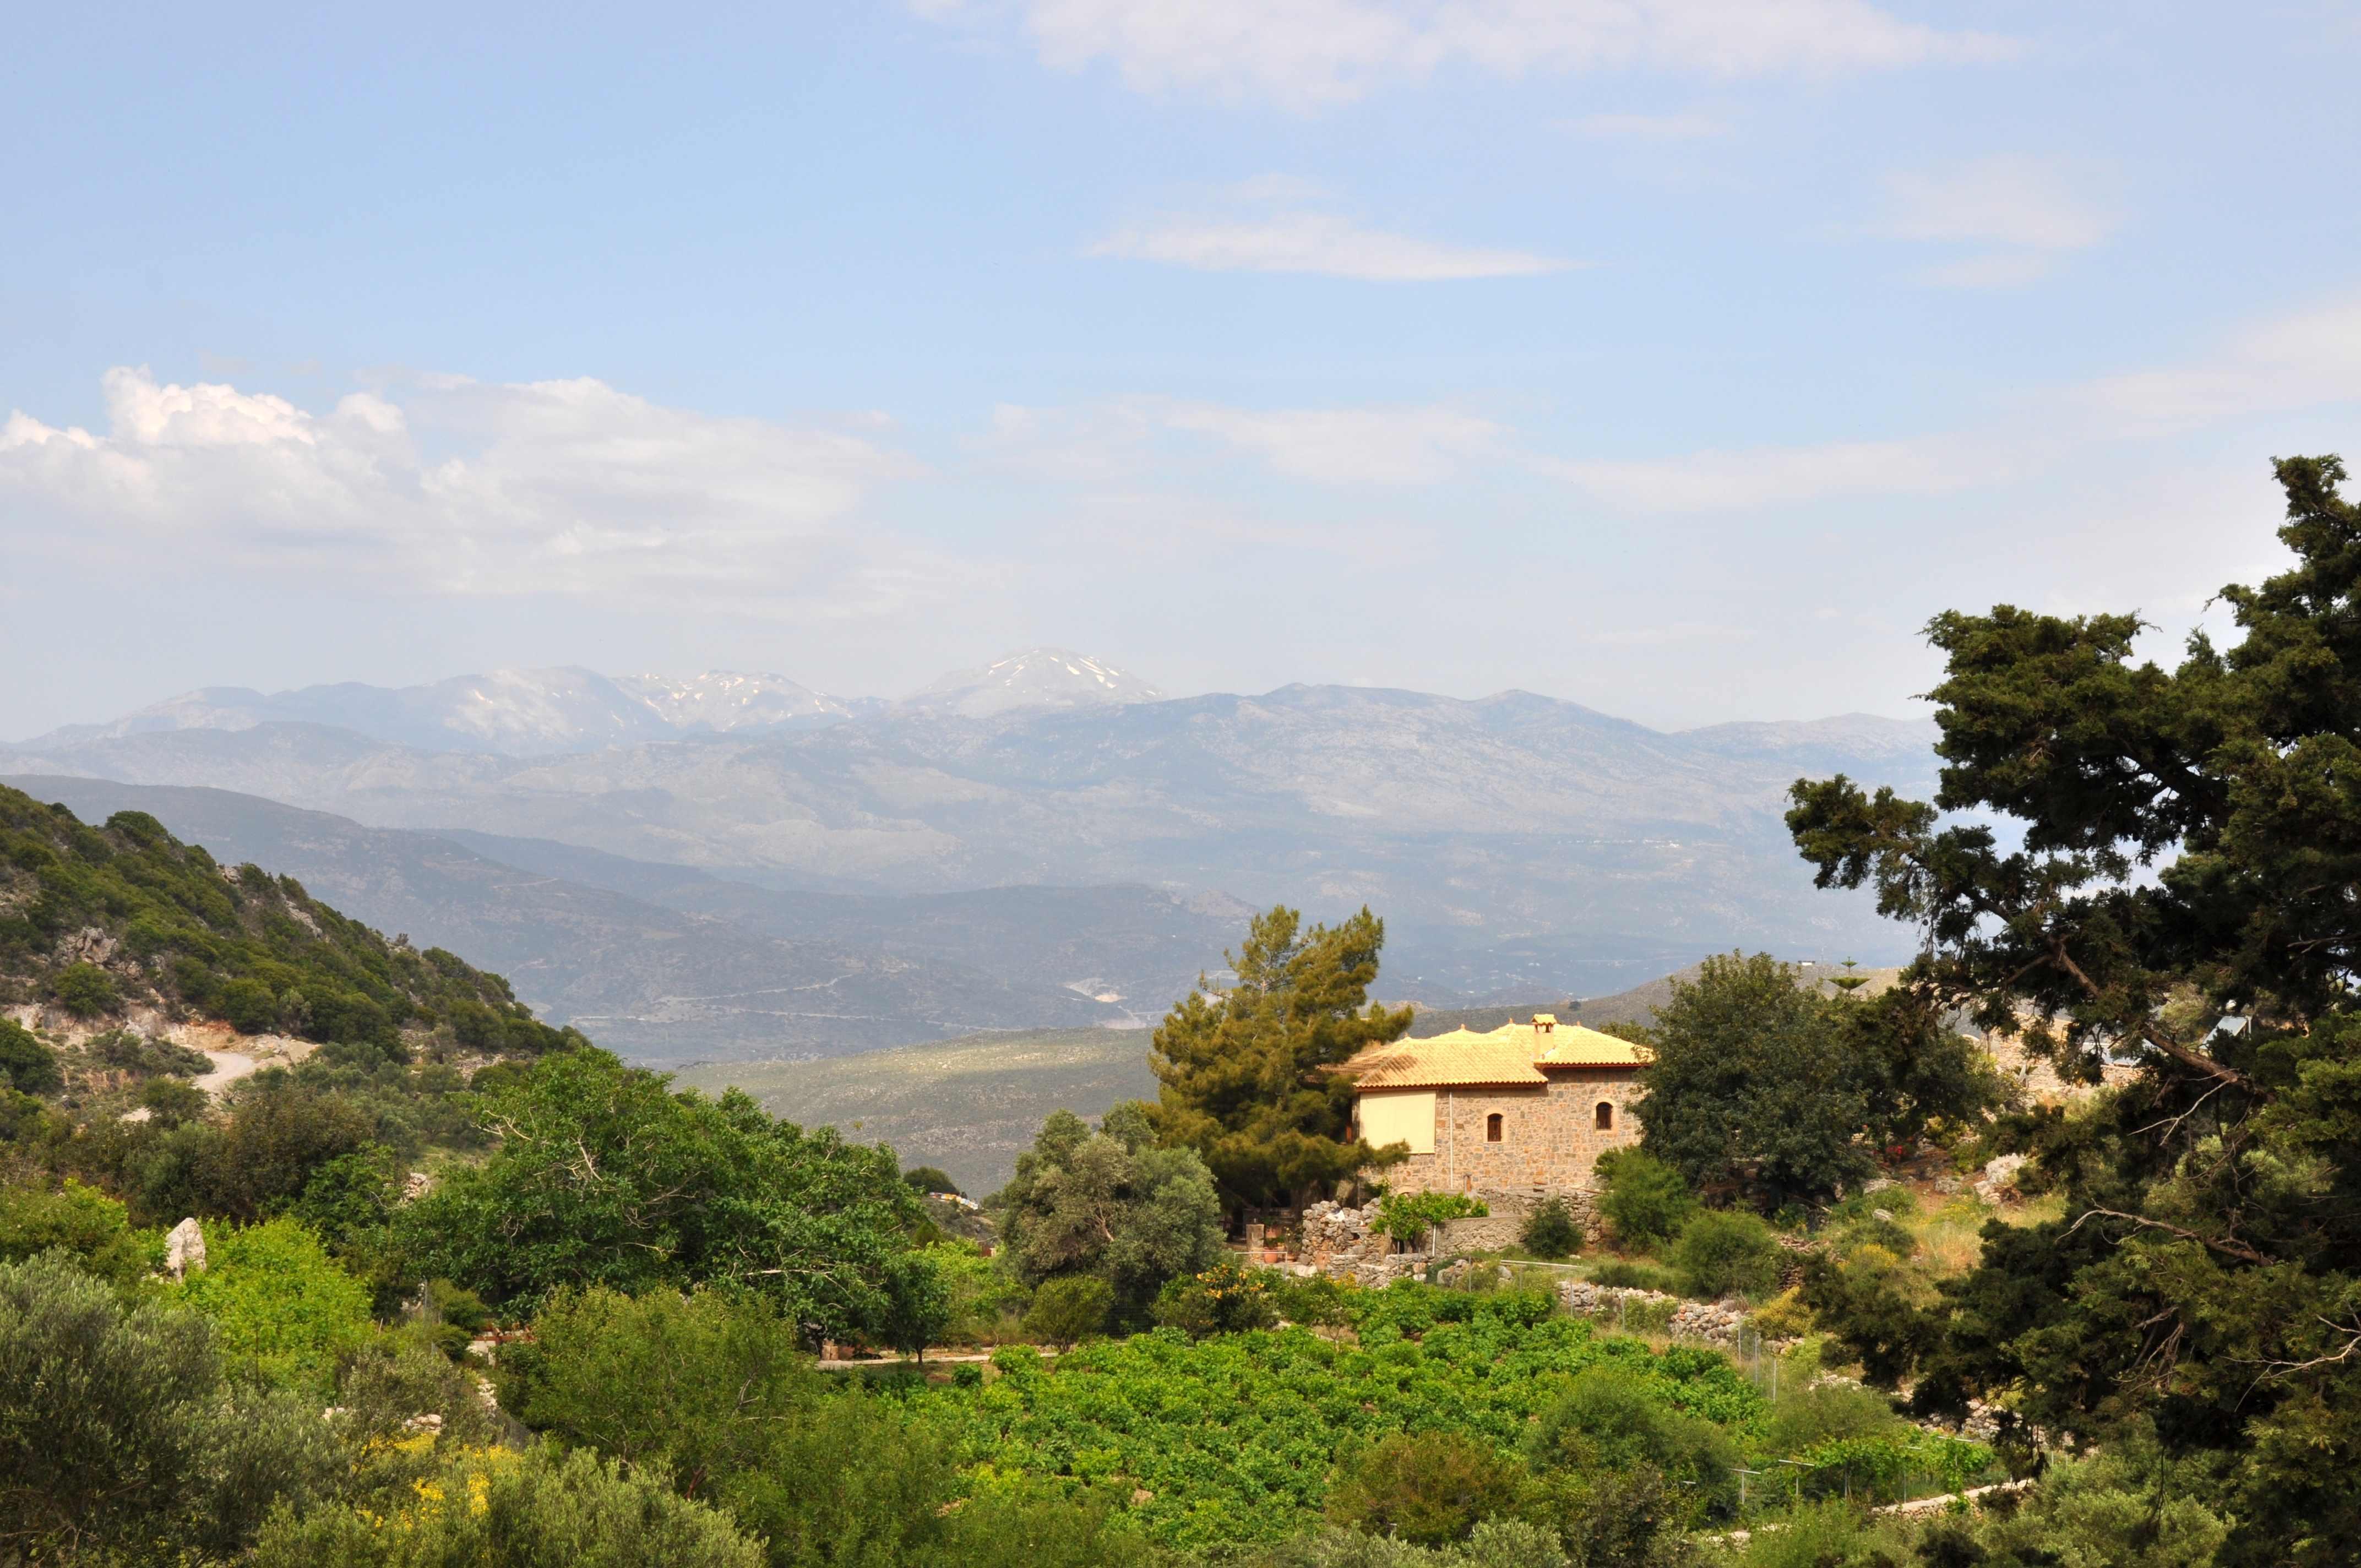 Offroad auf Kreta unterwegs   Land Rover Adventure Tour Greece 2015 sonne land und leute griechenland europa  tui berlin kreta ausblick